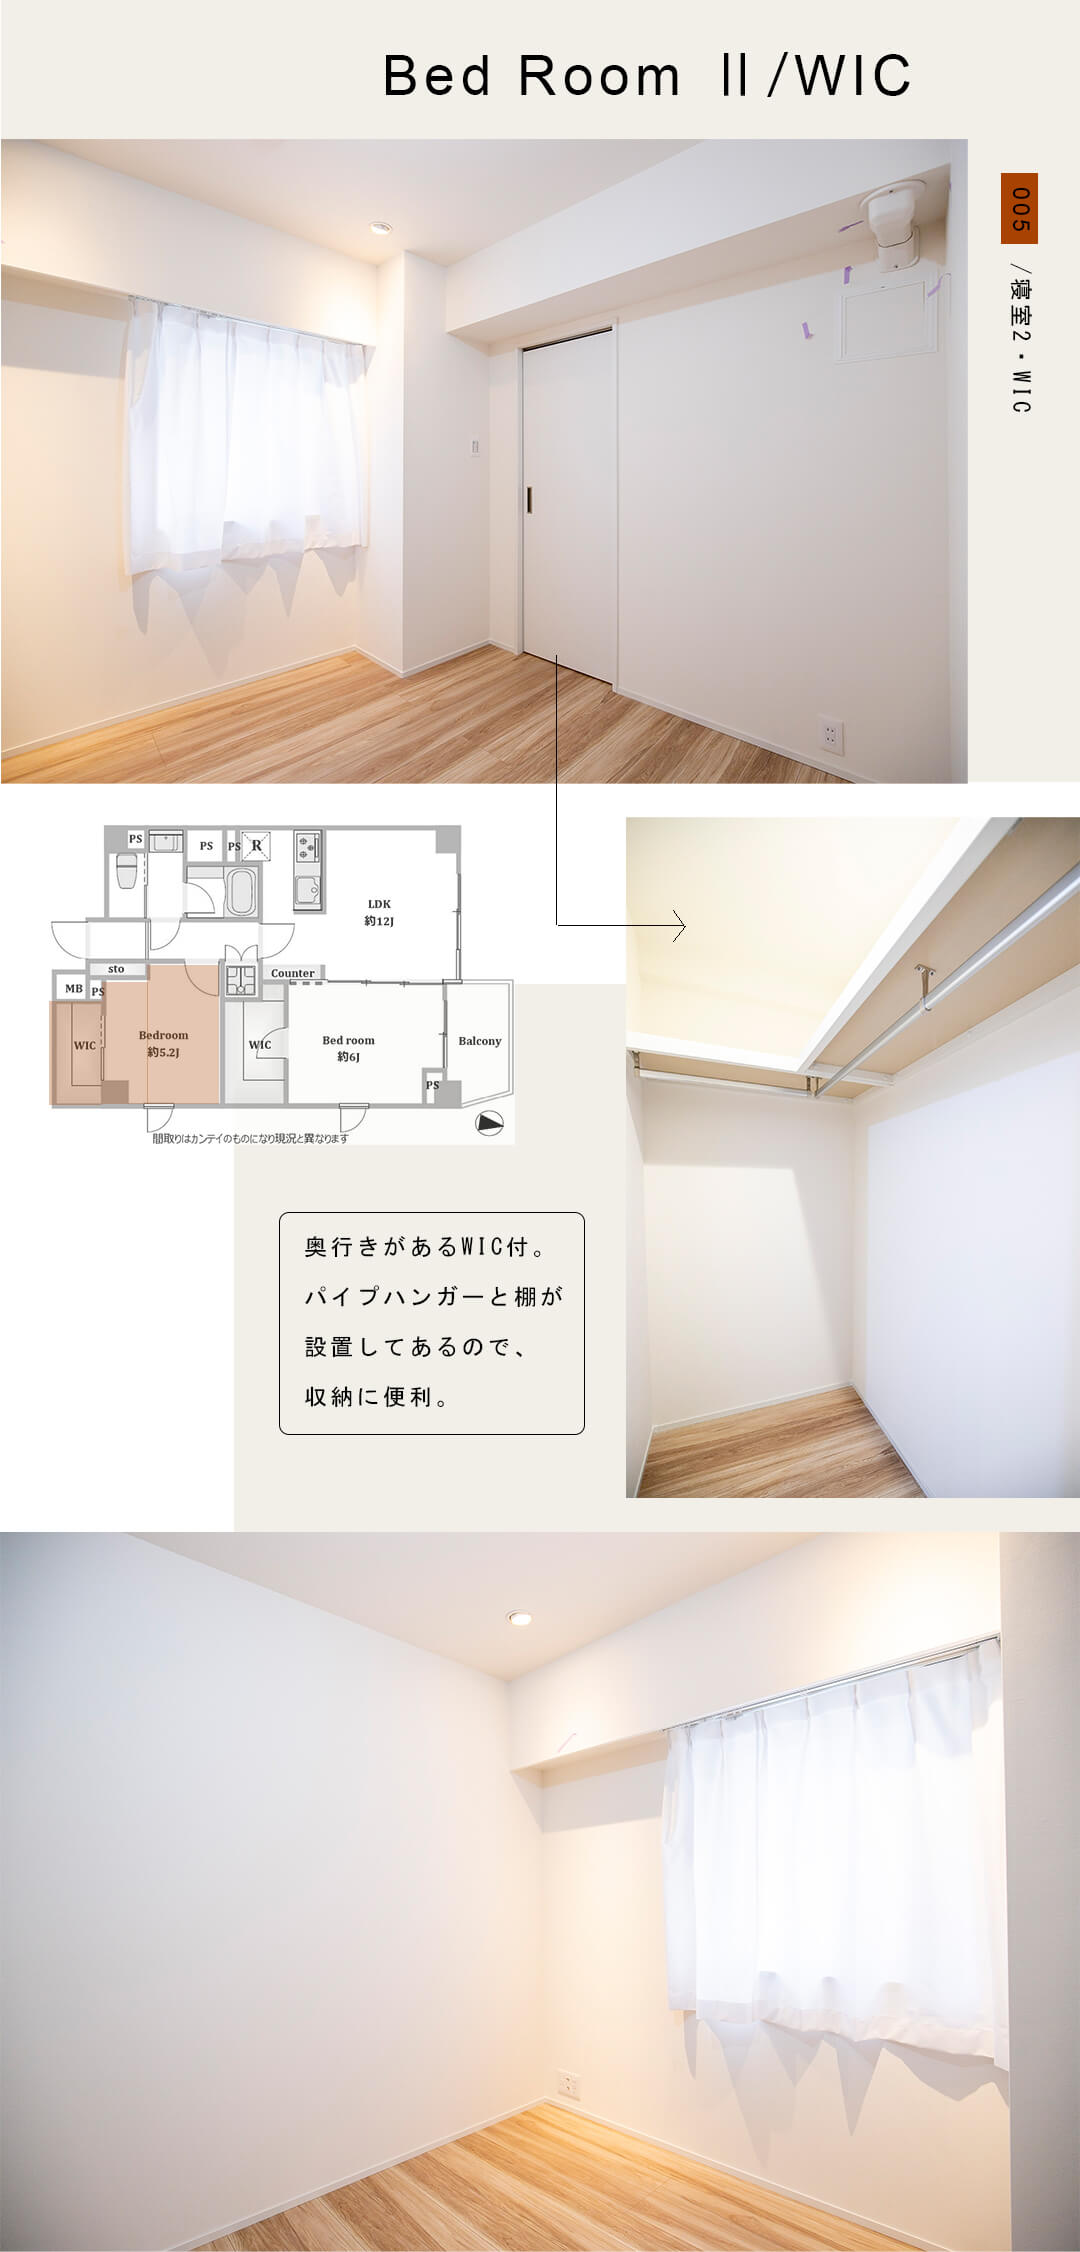 005寝室2,Bed Room Ⅱ,WIC